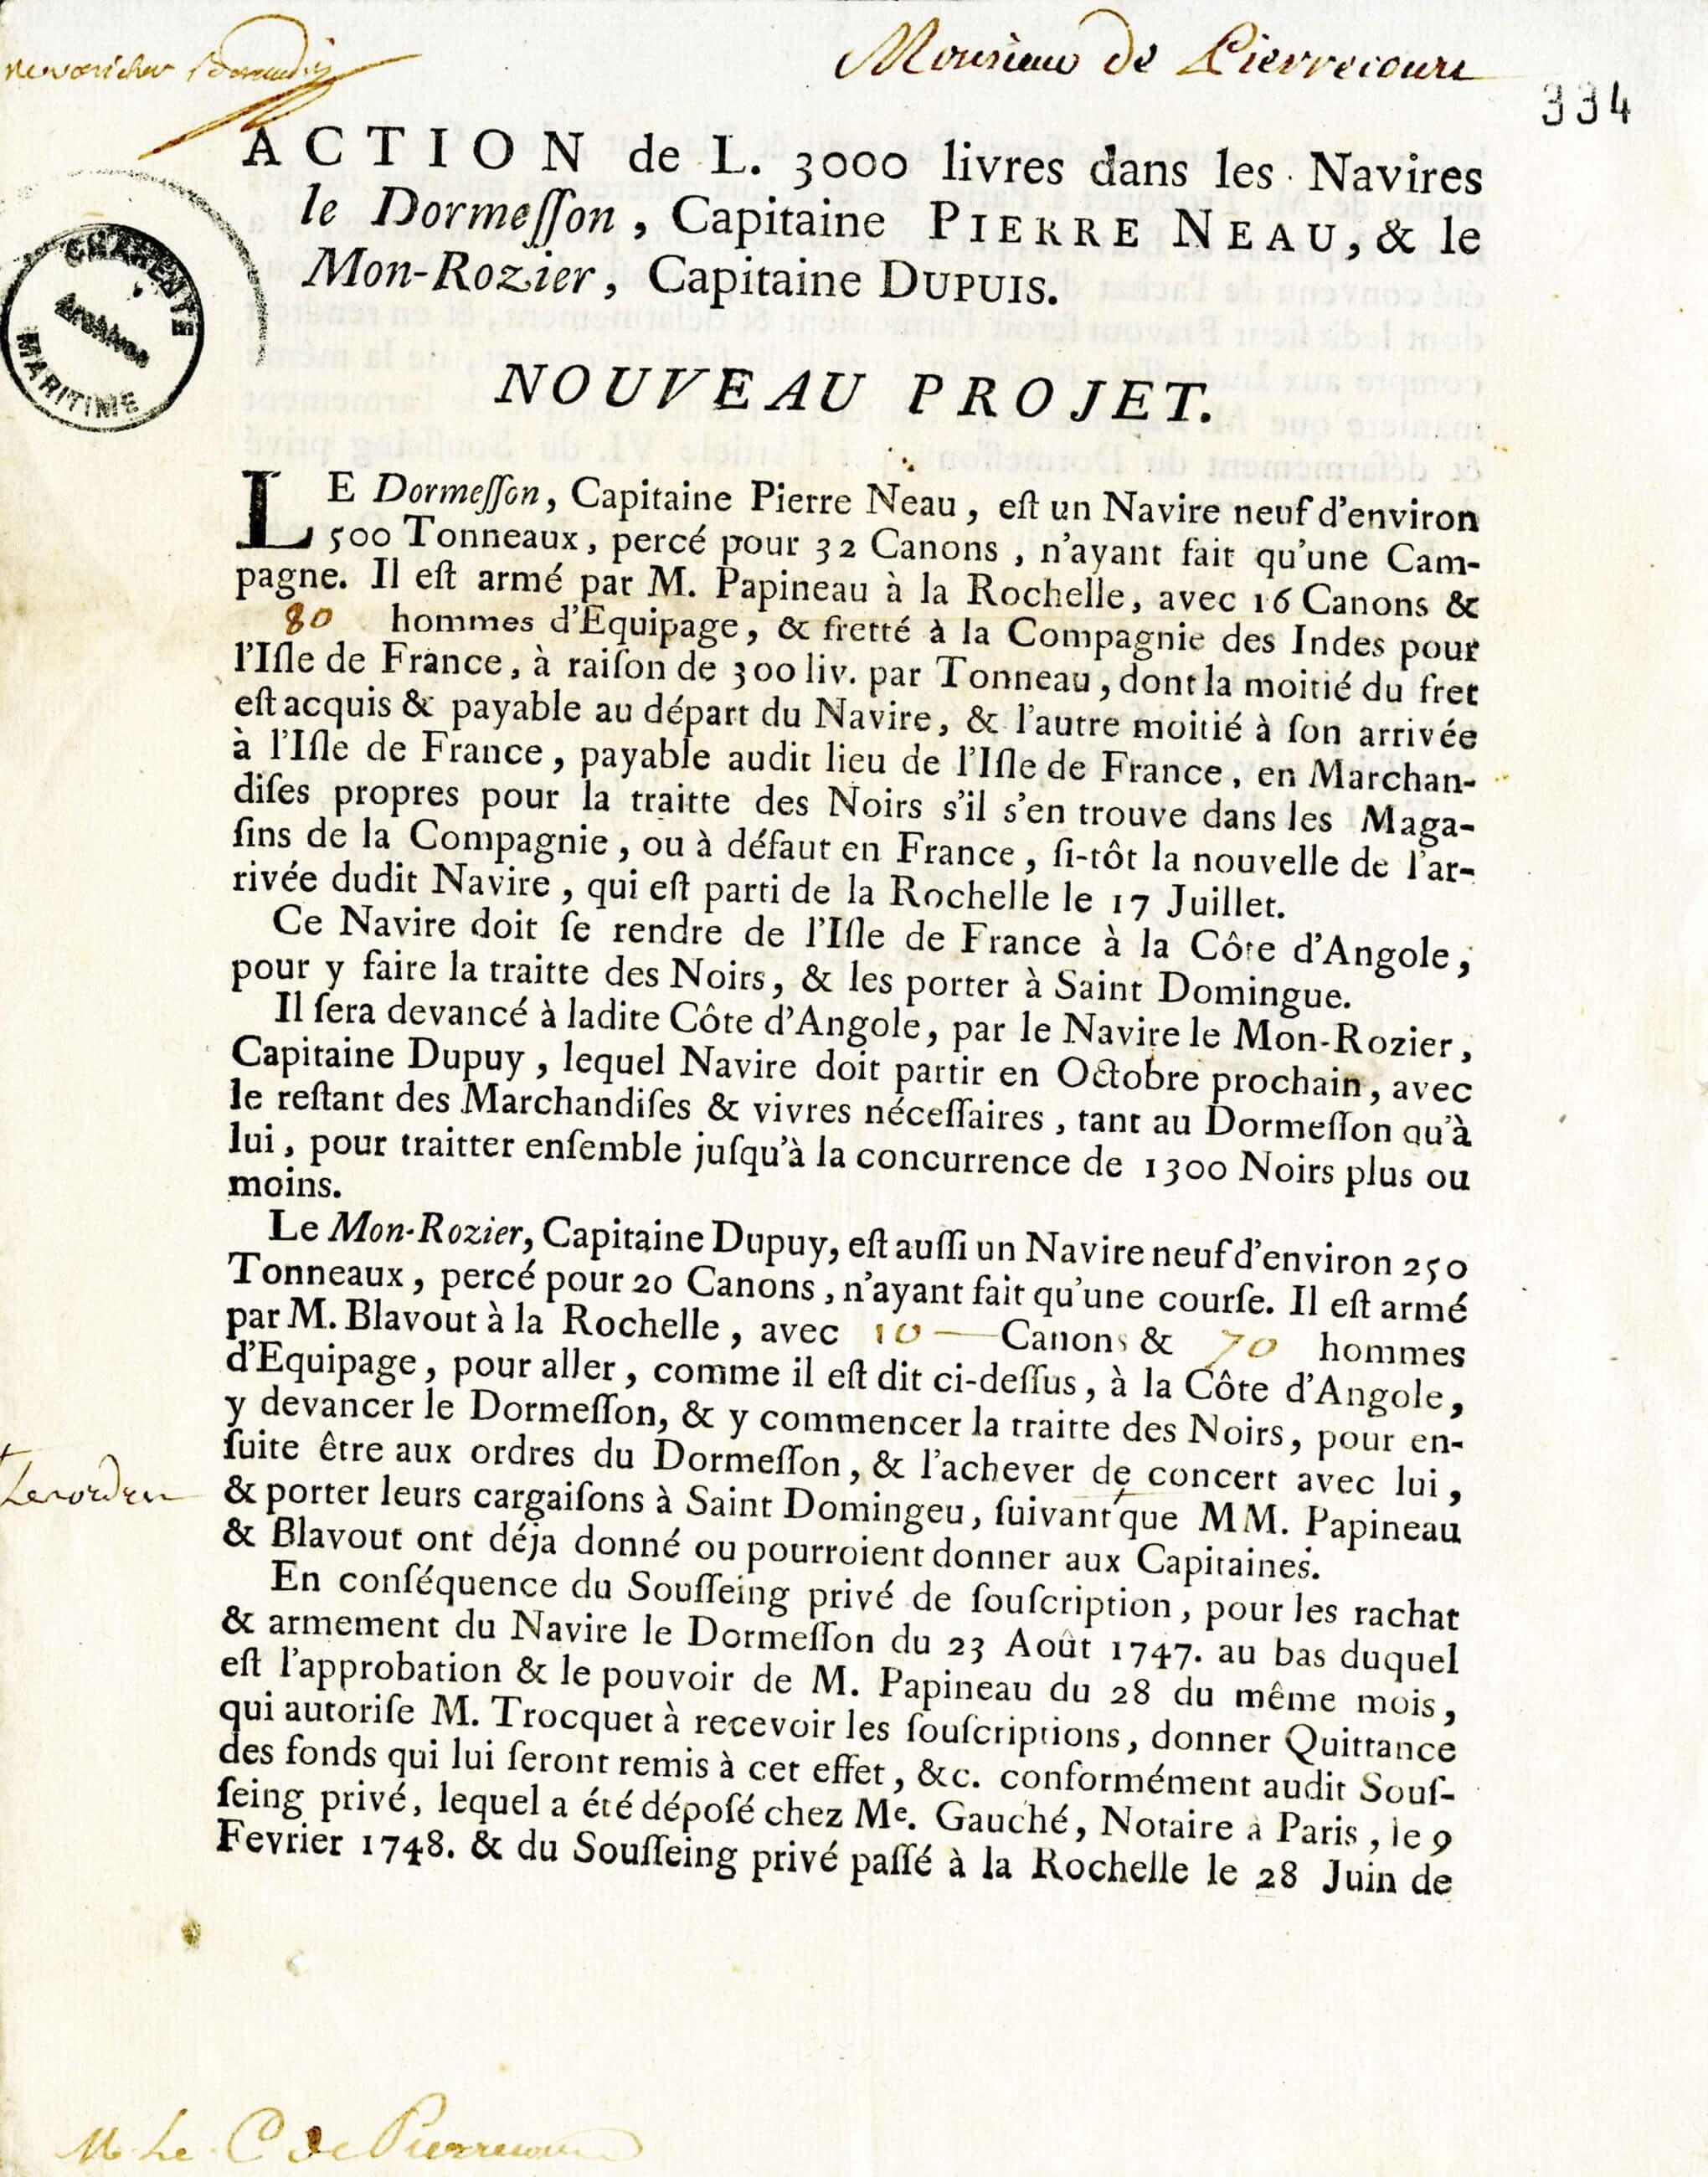 Action de 3000 livres concernant le voyage du Dormesson